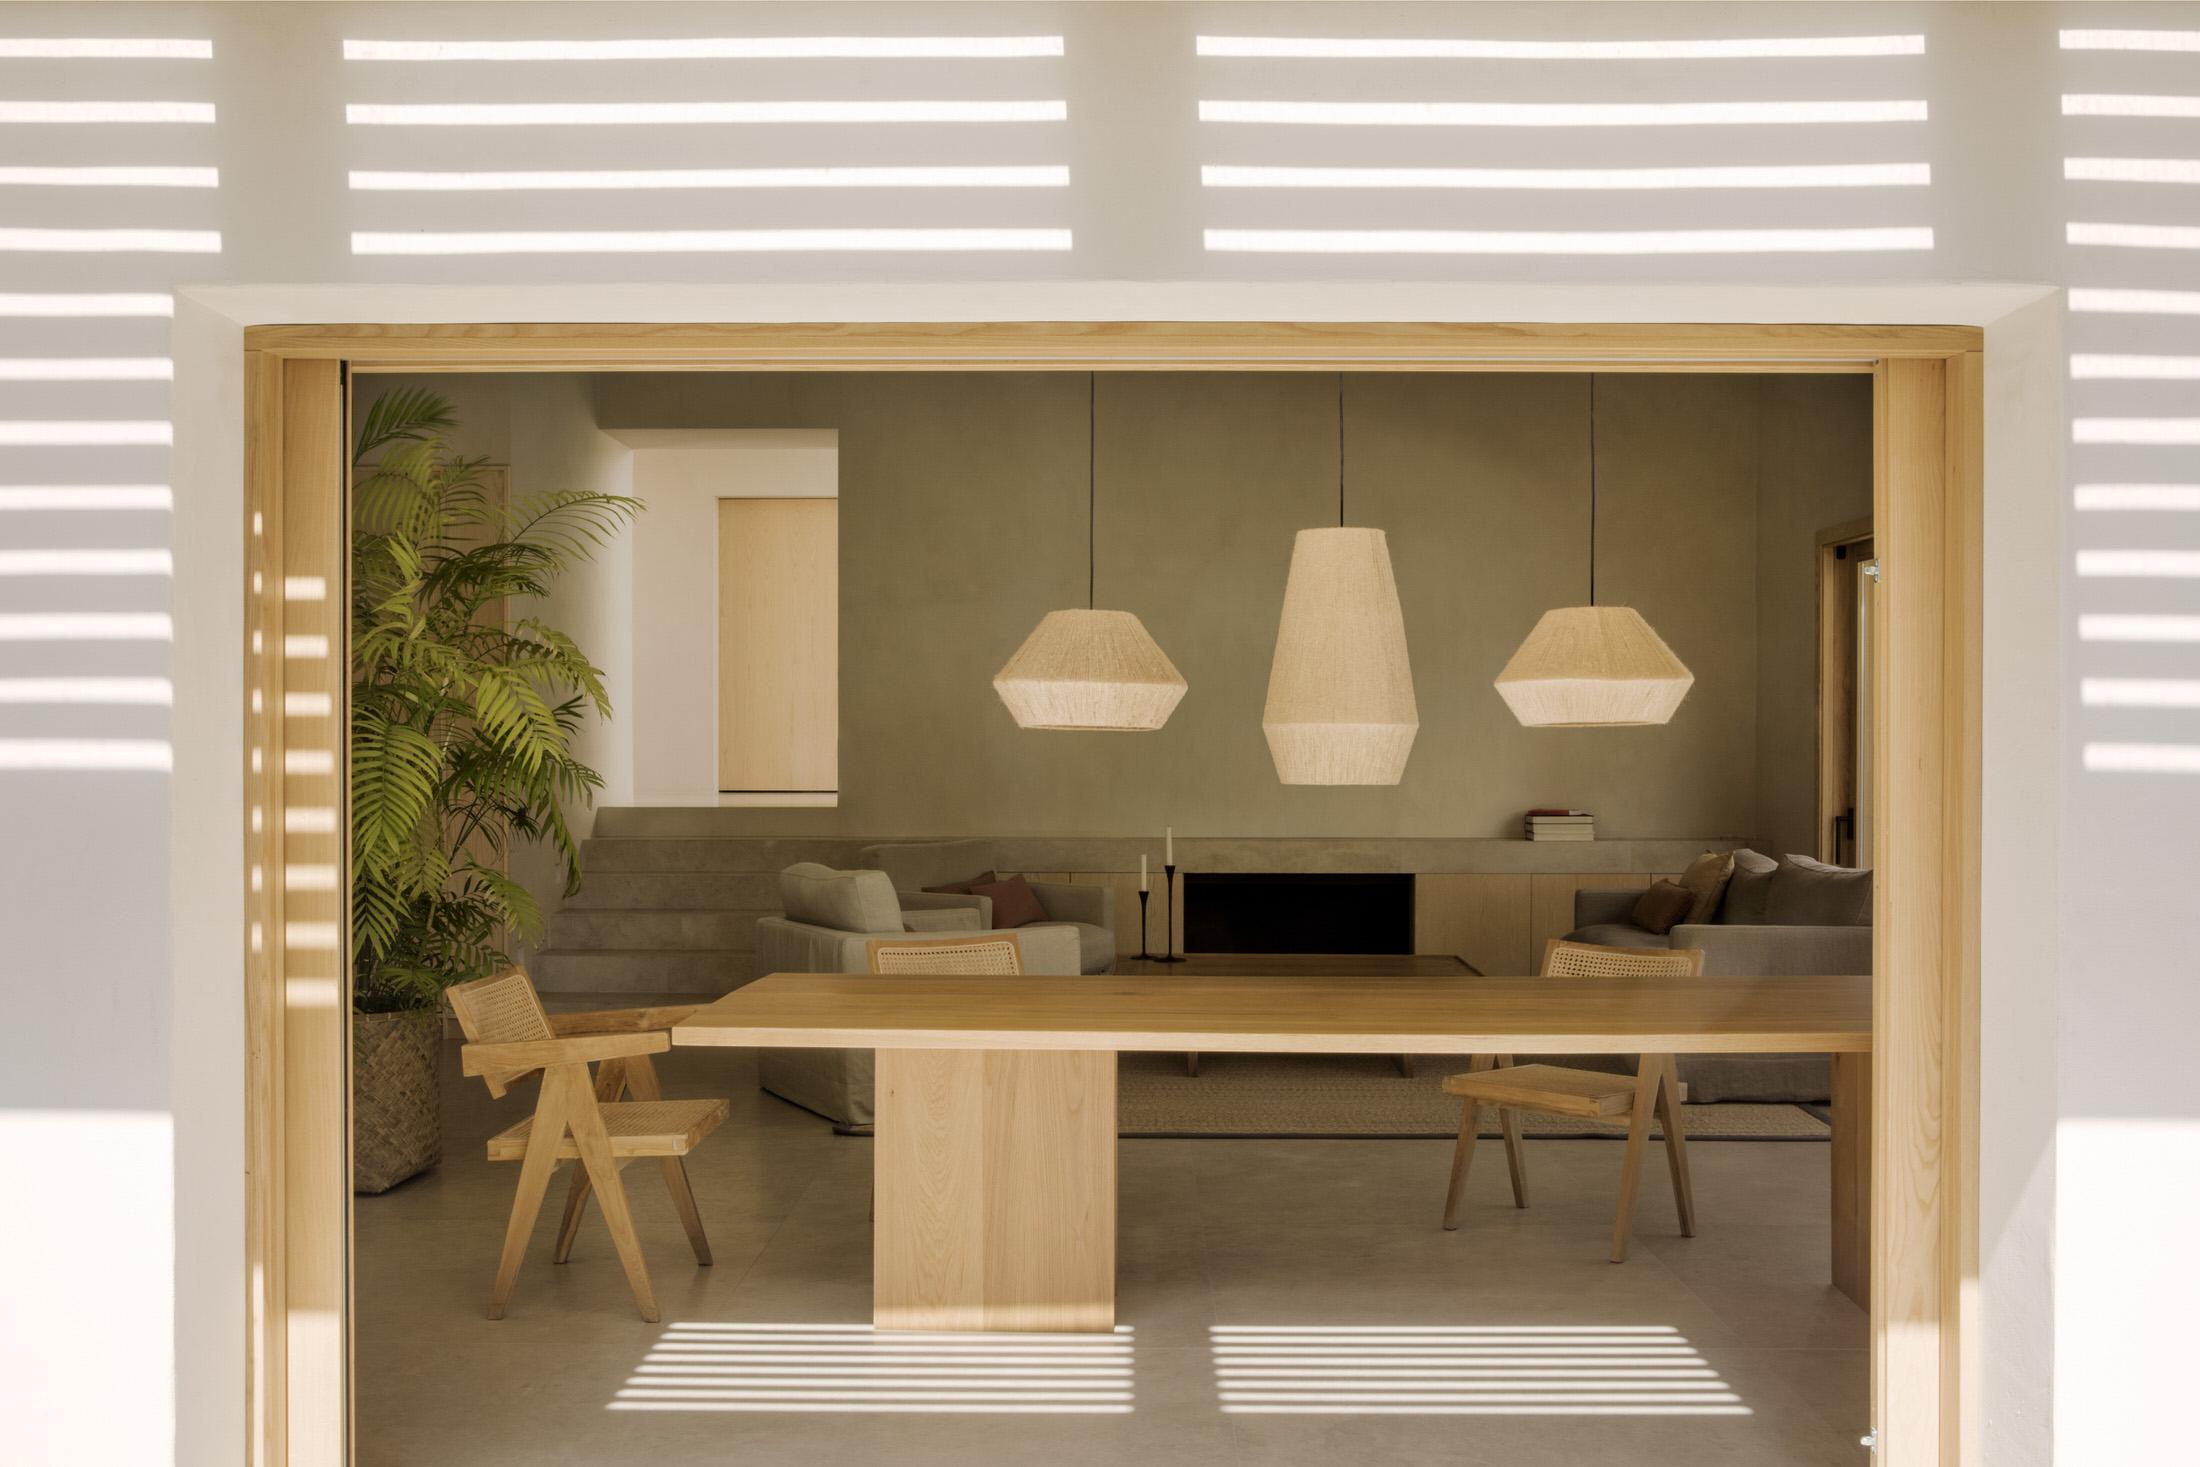 Febrero Studio Casa Marbella Spanish Architecture Photo German Saiz Yellowtrace 11